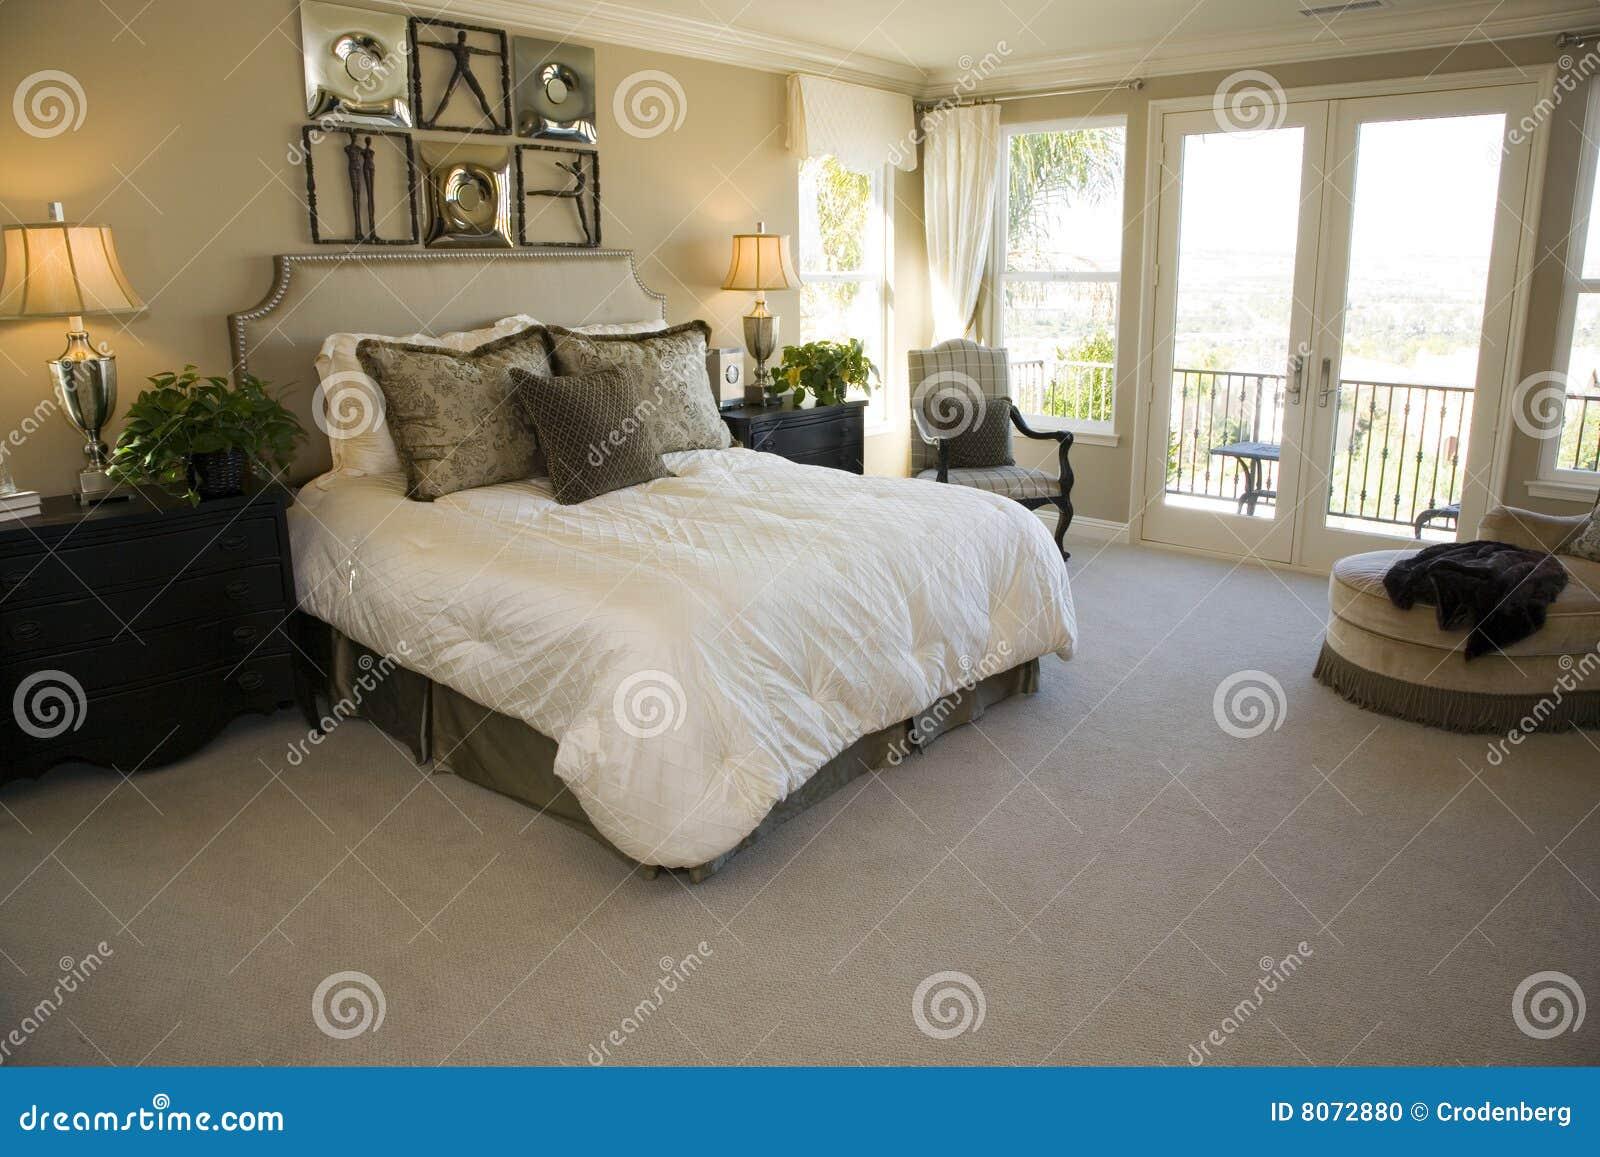 Dormitorio de lujo espacioso.